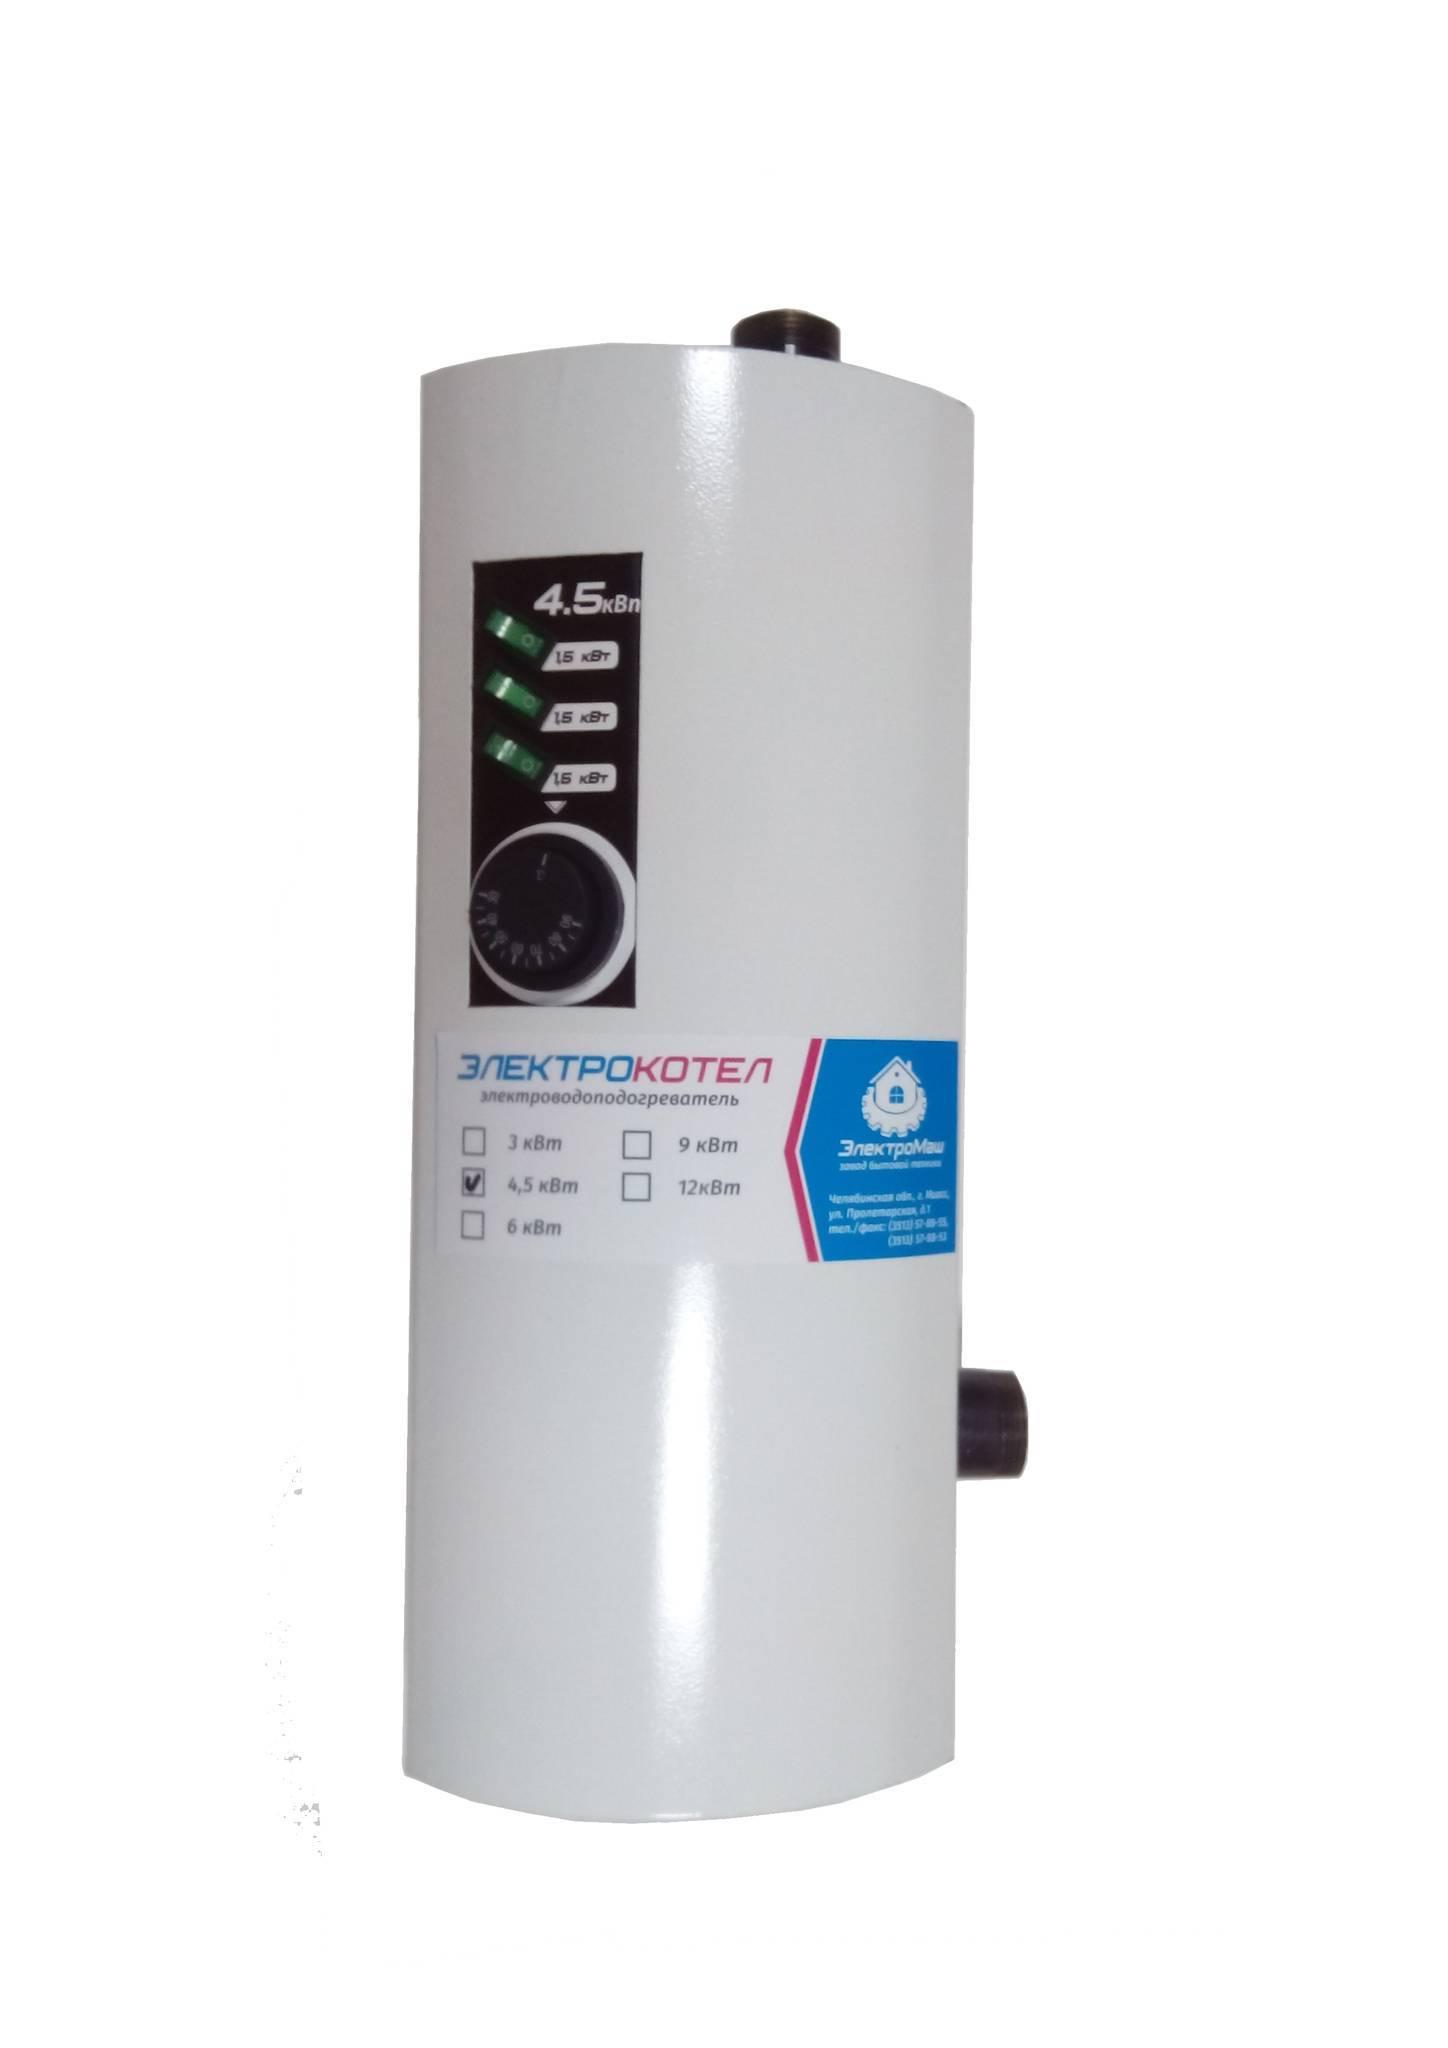 Котлы электрические отопительные энергосберегающие двухконтурные - всё об отоплении и кондиционировании